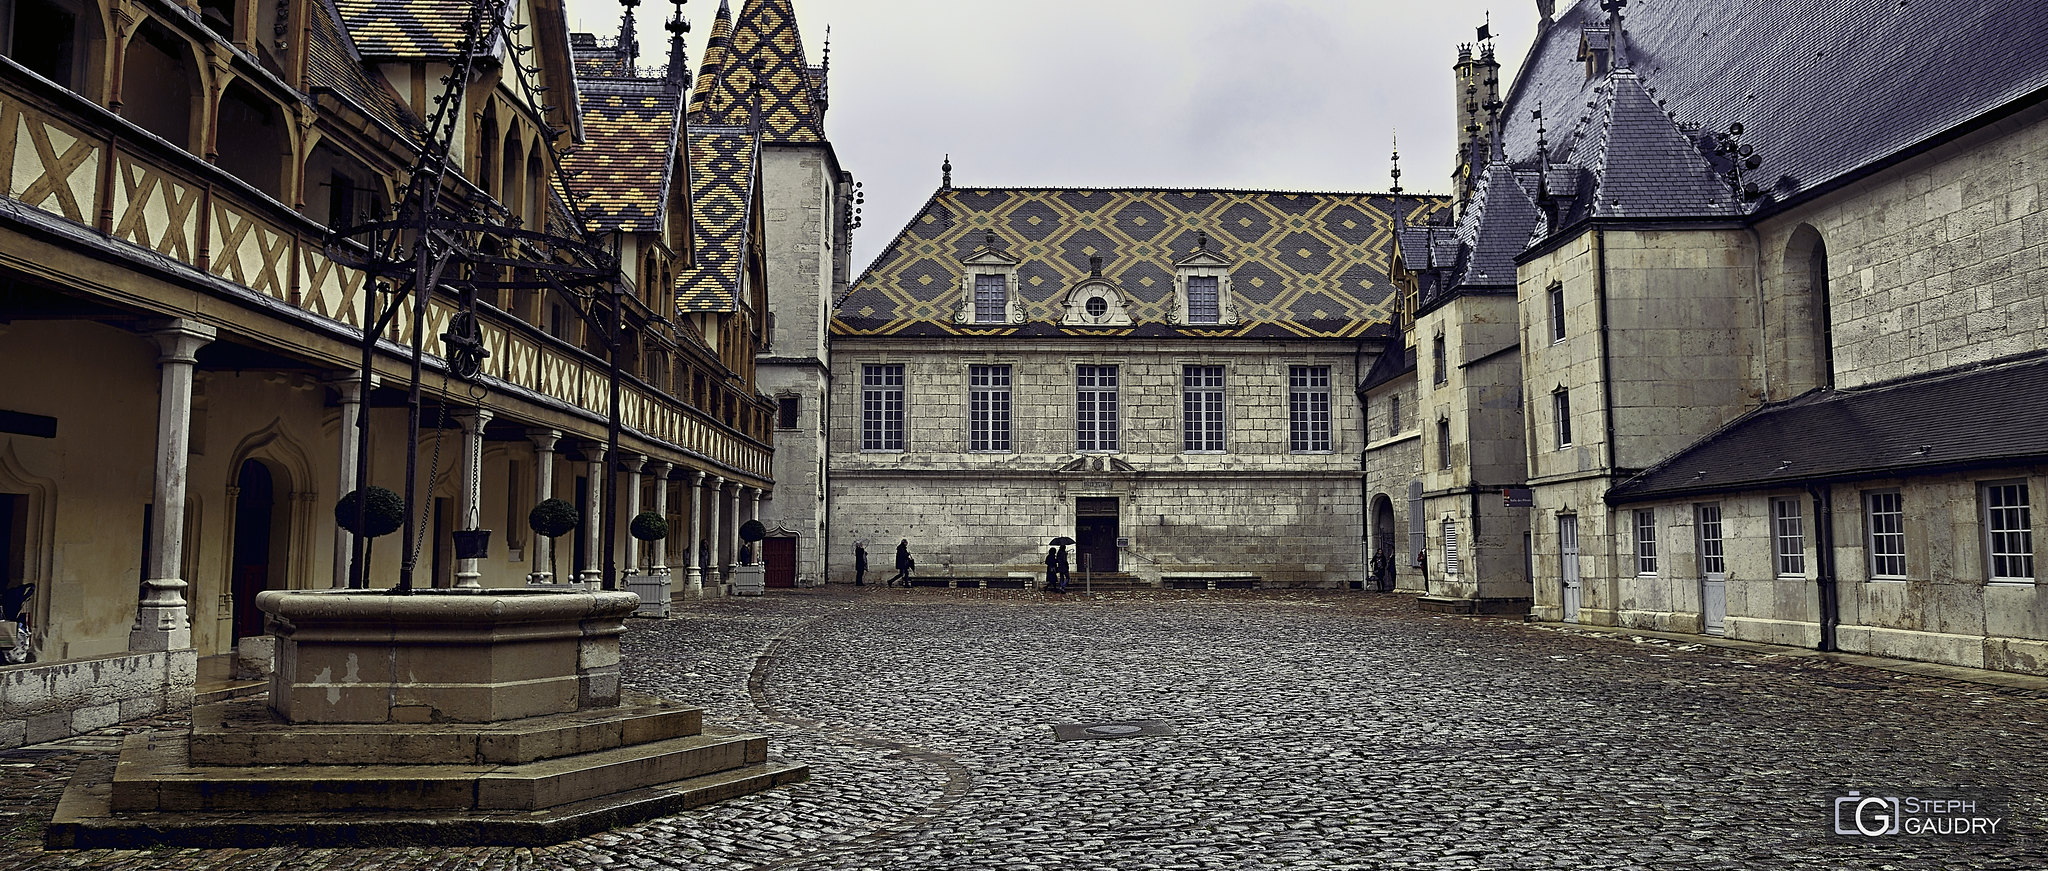 Cour intérieure des hospices de Beaune - puits en ferronnerie gothique